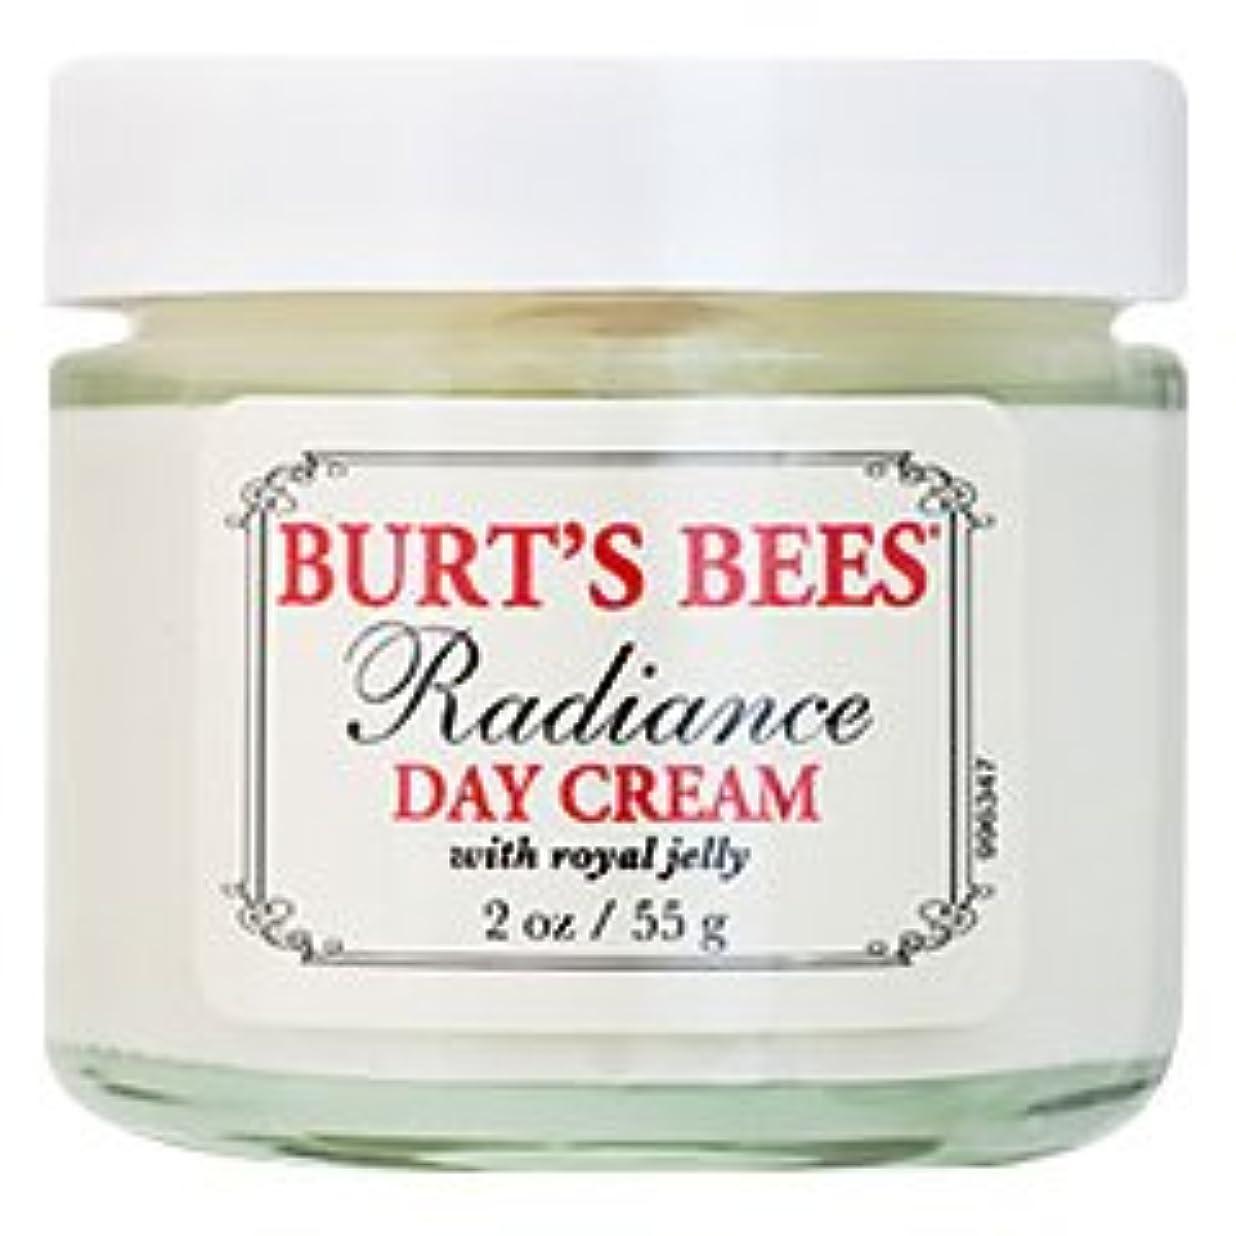 りんごコミットなんでもバーツビーズ(Burt's Bees) ラディアンス デイクリーム(ロイヤルジェリー) 55g [海外直送品][並行輸入品]